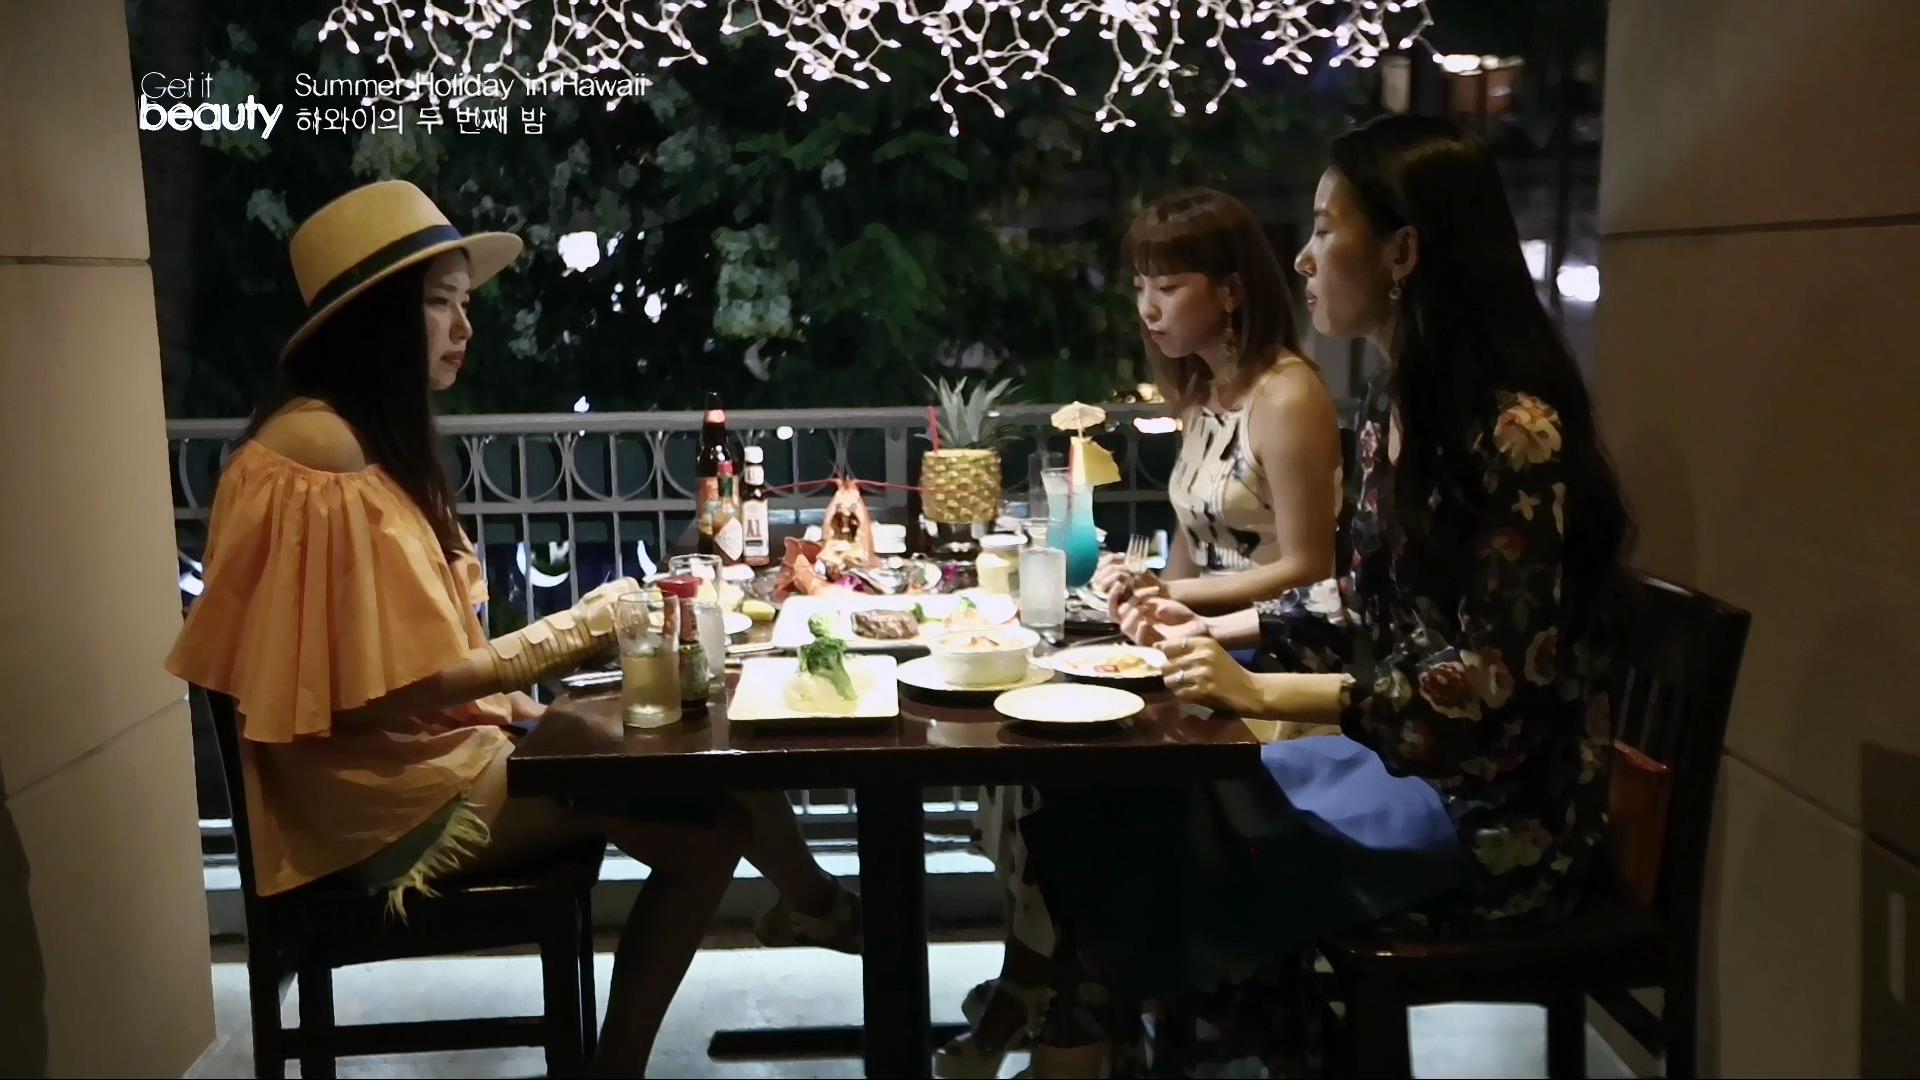 부담스럽지 않은 가격에 스테이크와 랍스터를 맛볼 수 있는 와이키키 칼라카우아 거리에 위치한 레스토랑